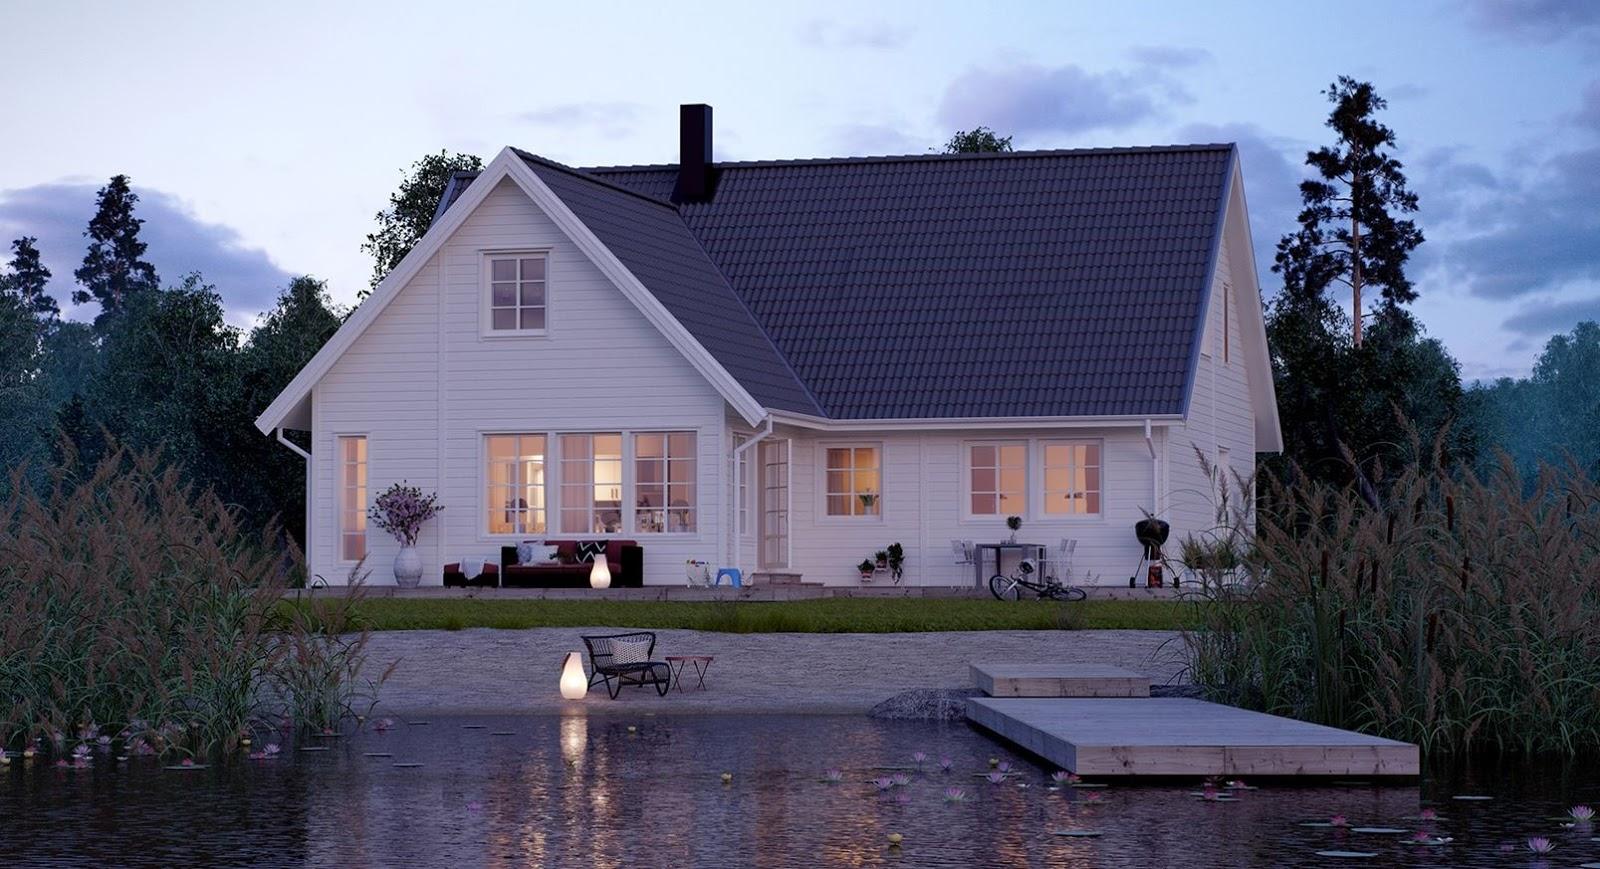 MODULAR HOME BUILDER: A Scandinavian Builder's Video Stopped